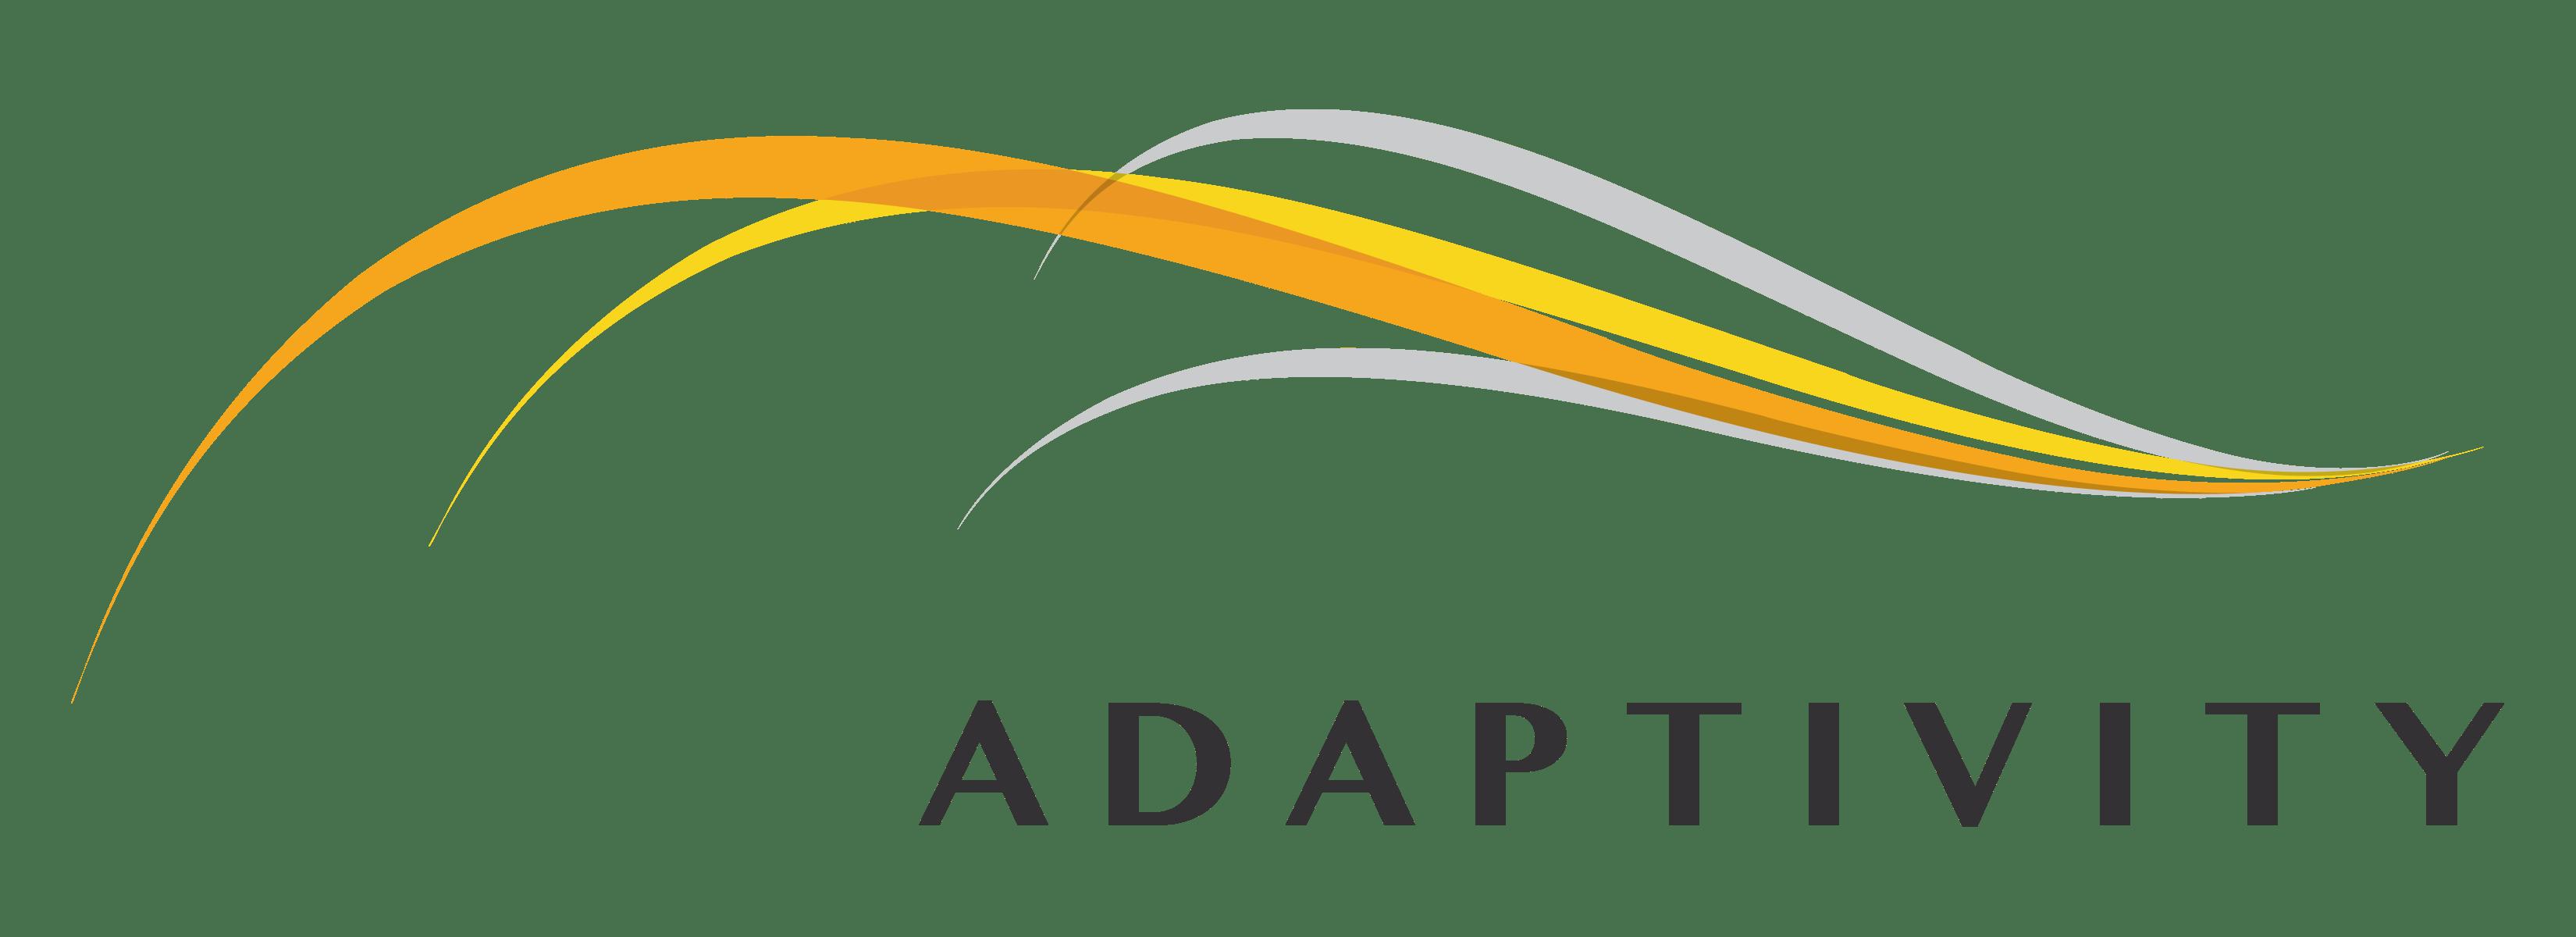 Adaptivity Logo